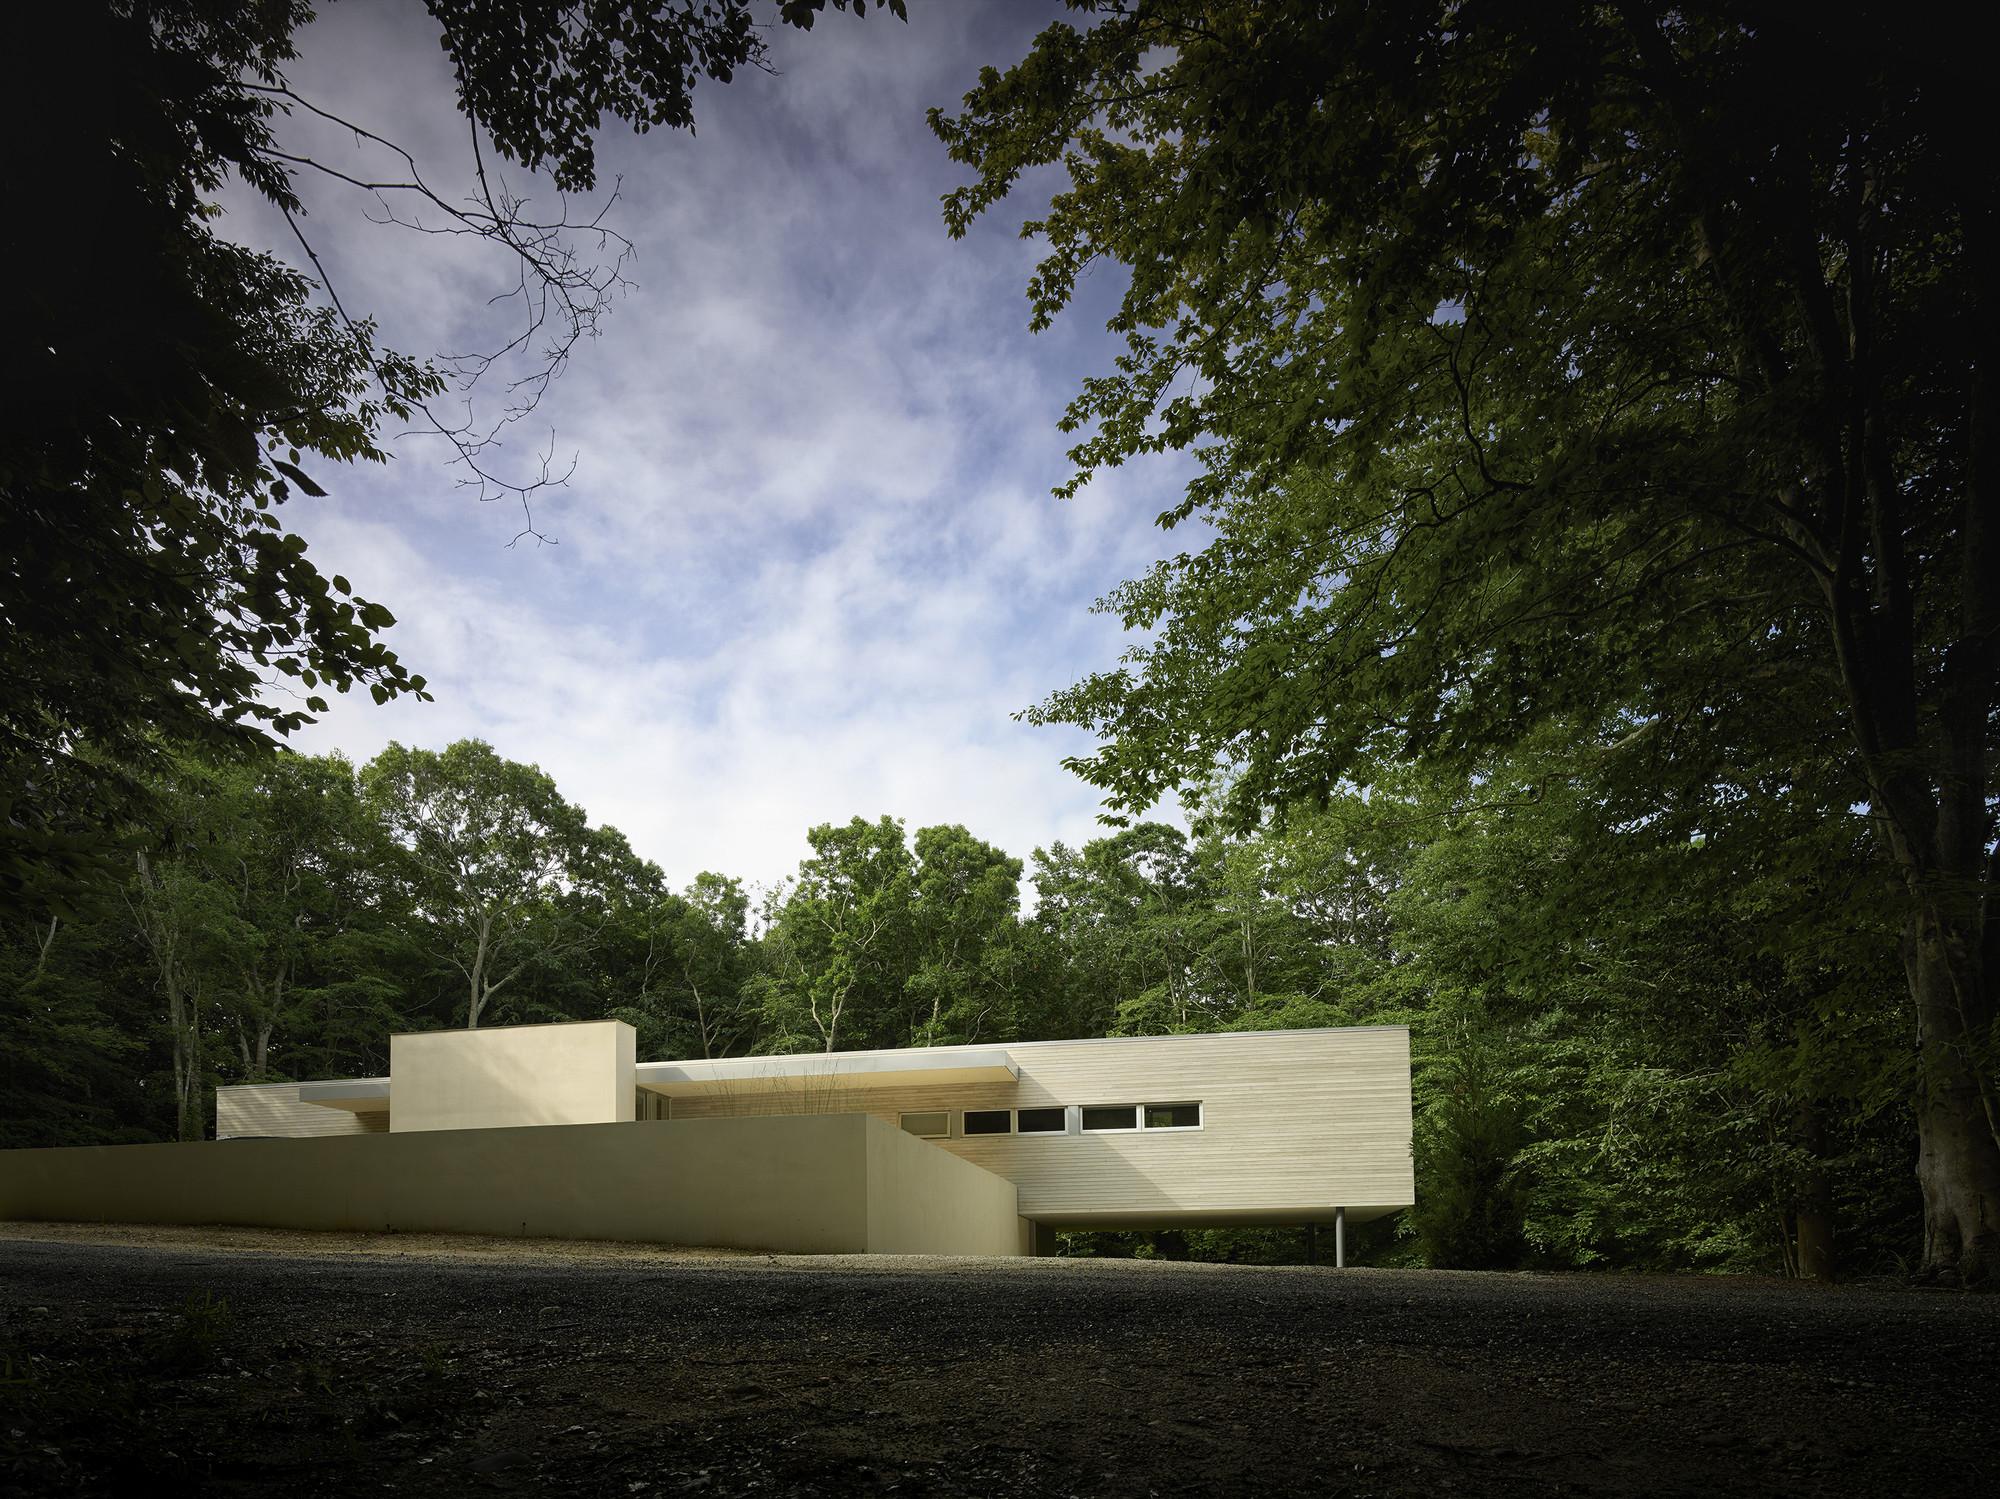 Casa de los Bosques Verdes / Stelle Lomont Rouhani Architects, © Matthew Carbone